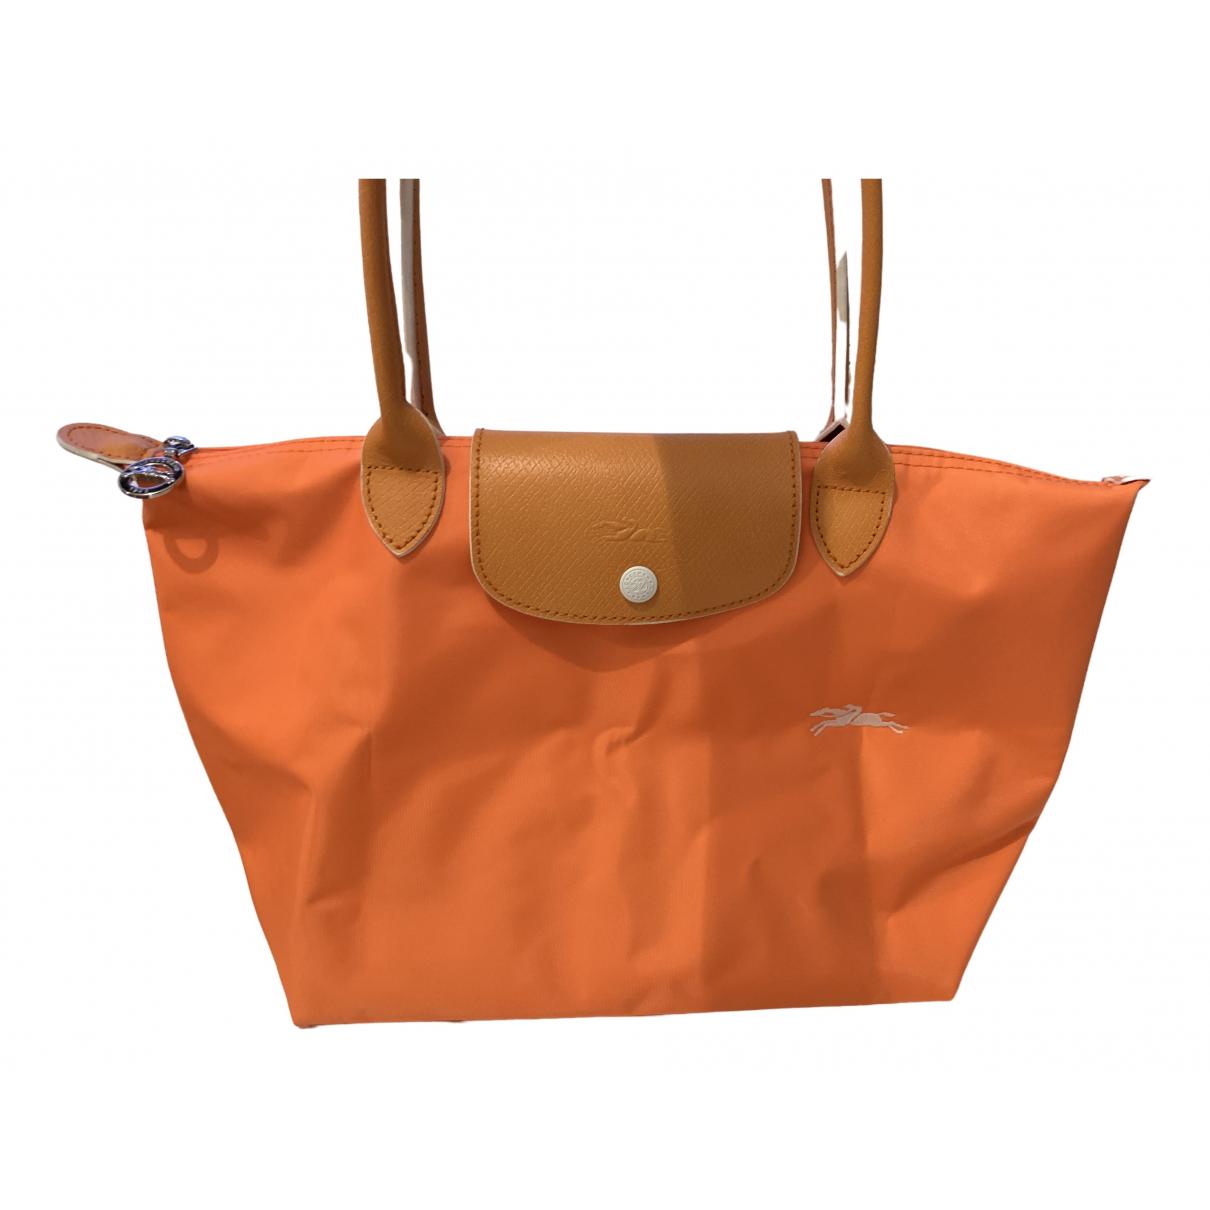 Longchamp Pliage  Handtasche in  Orange Polyester